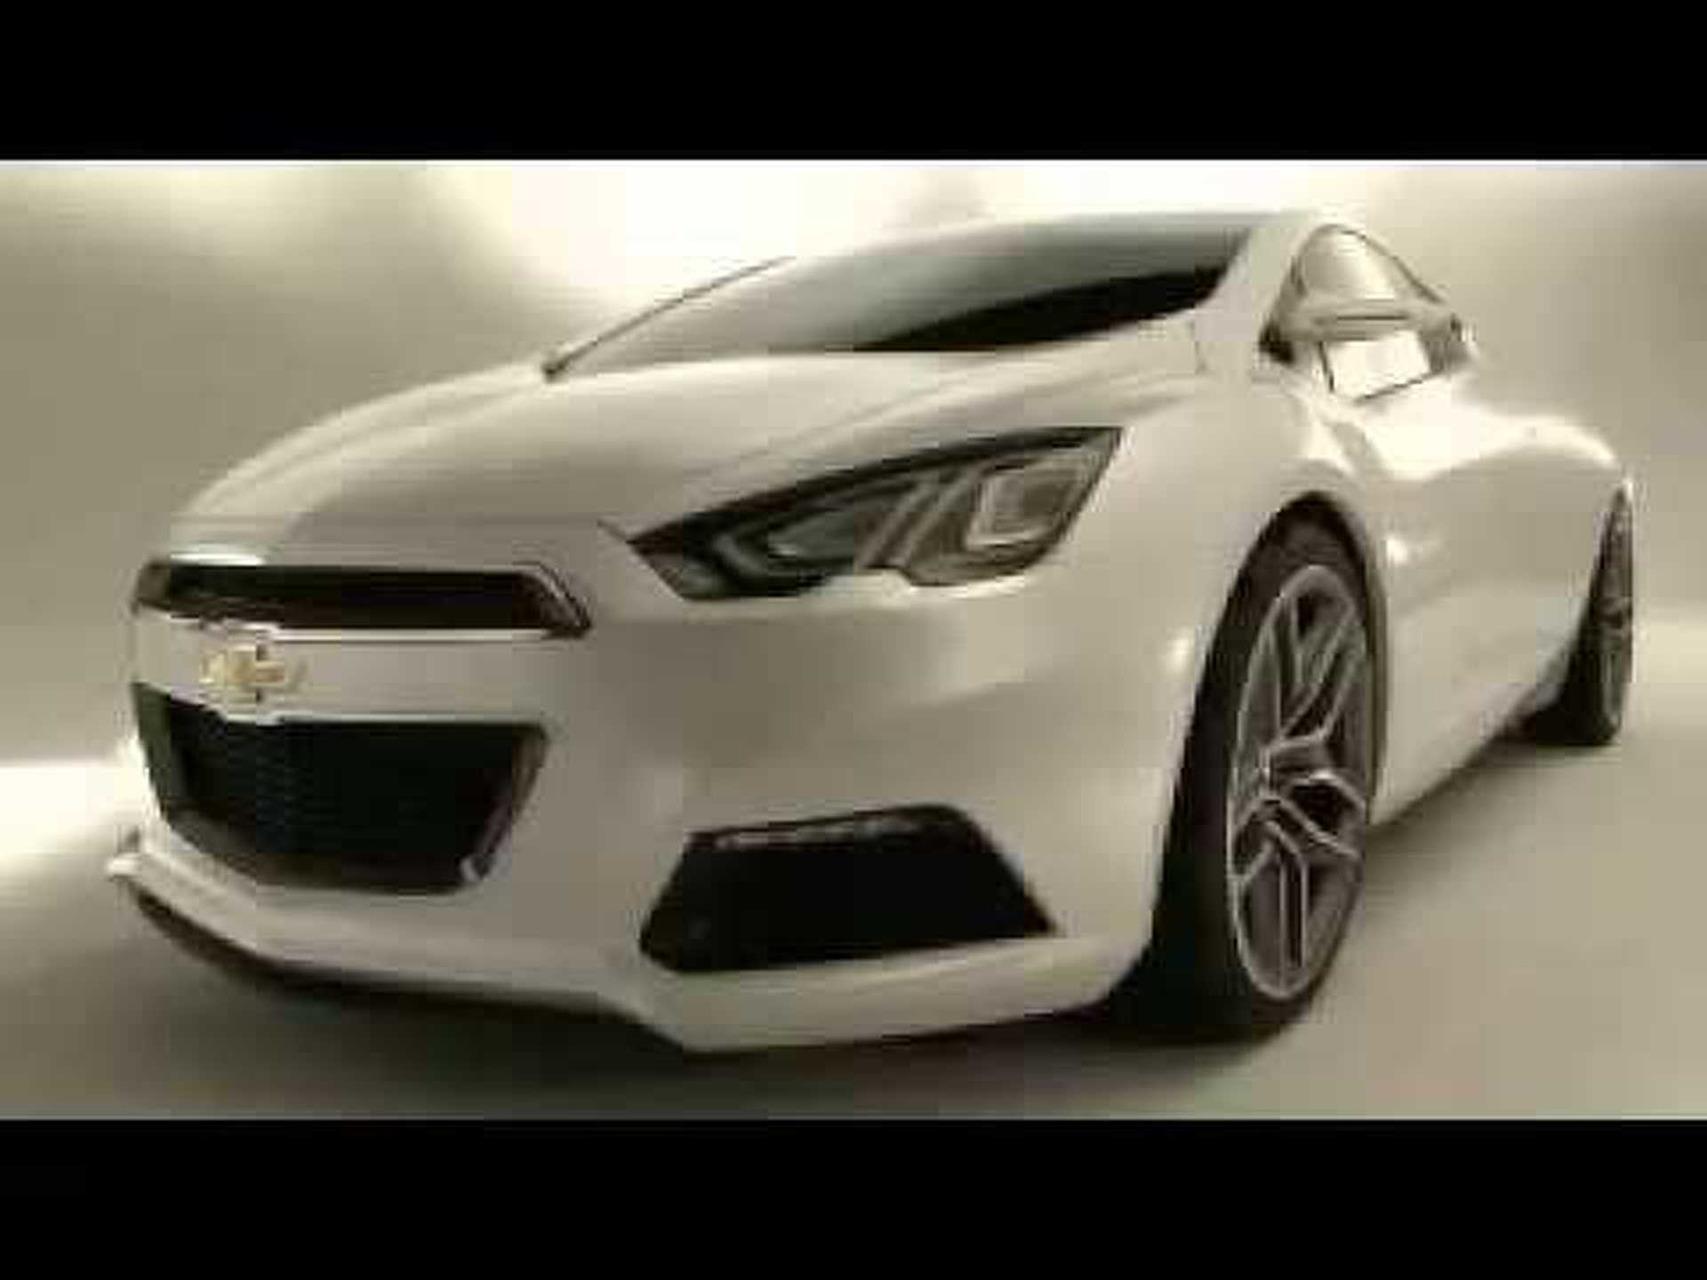 2012 Chevrolet Tru 140S Concept - Exterior Shots